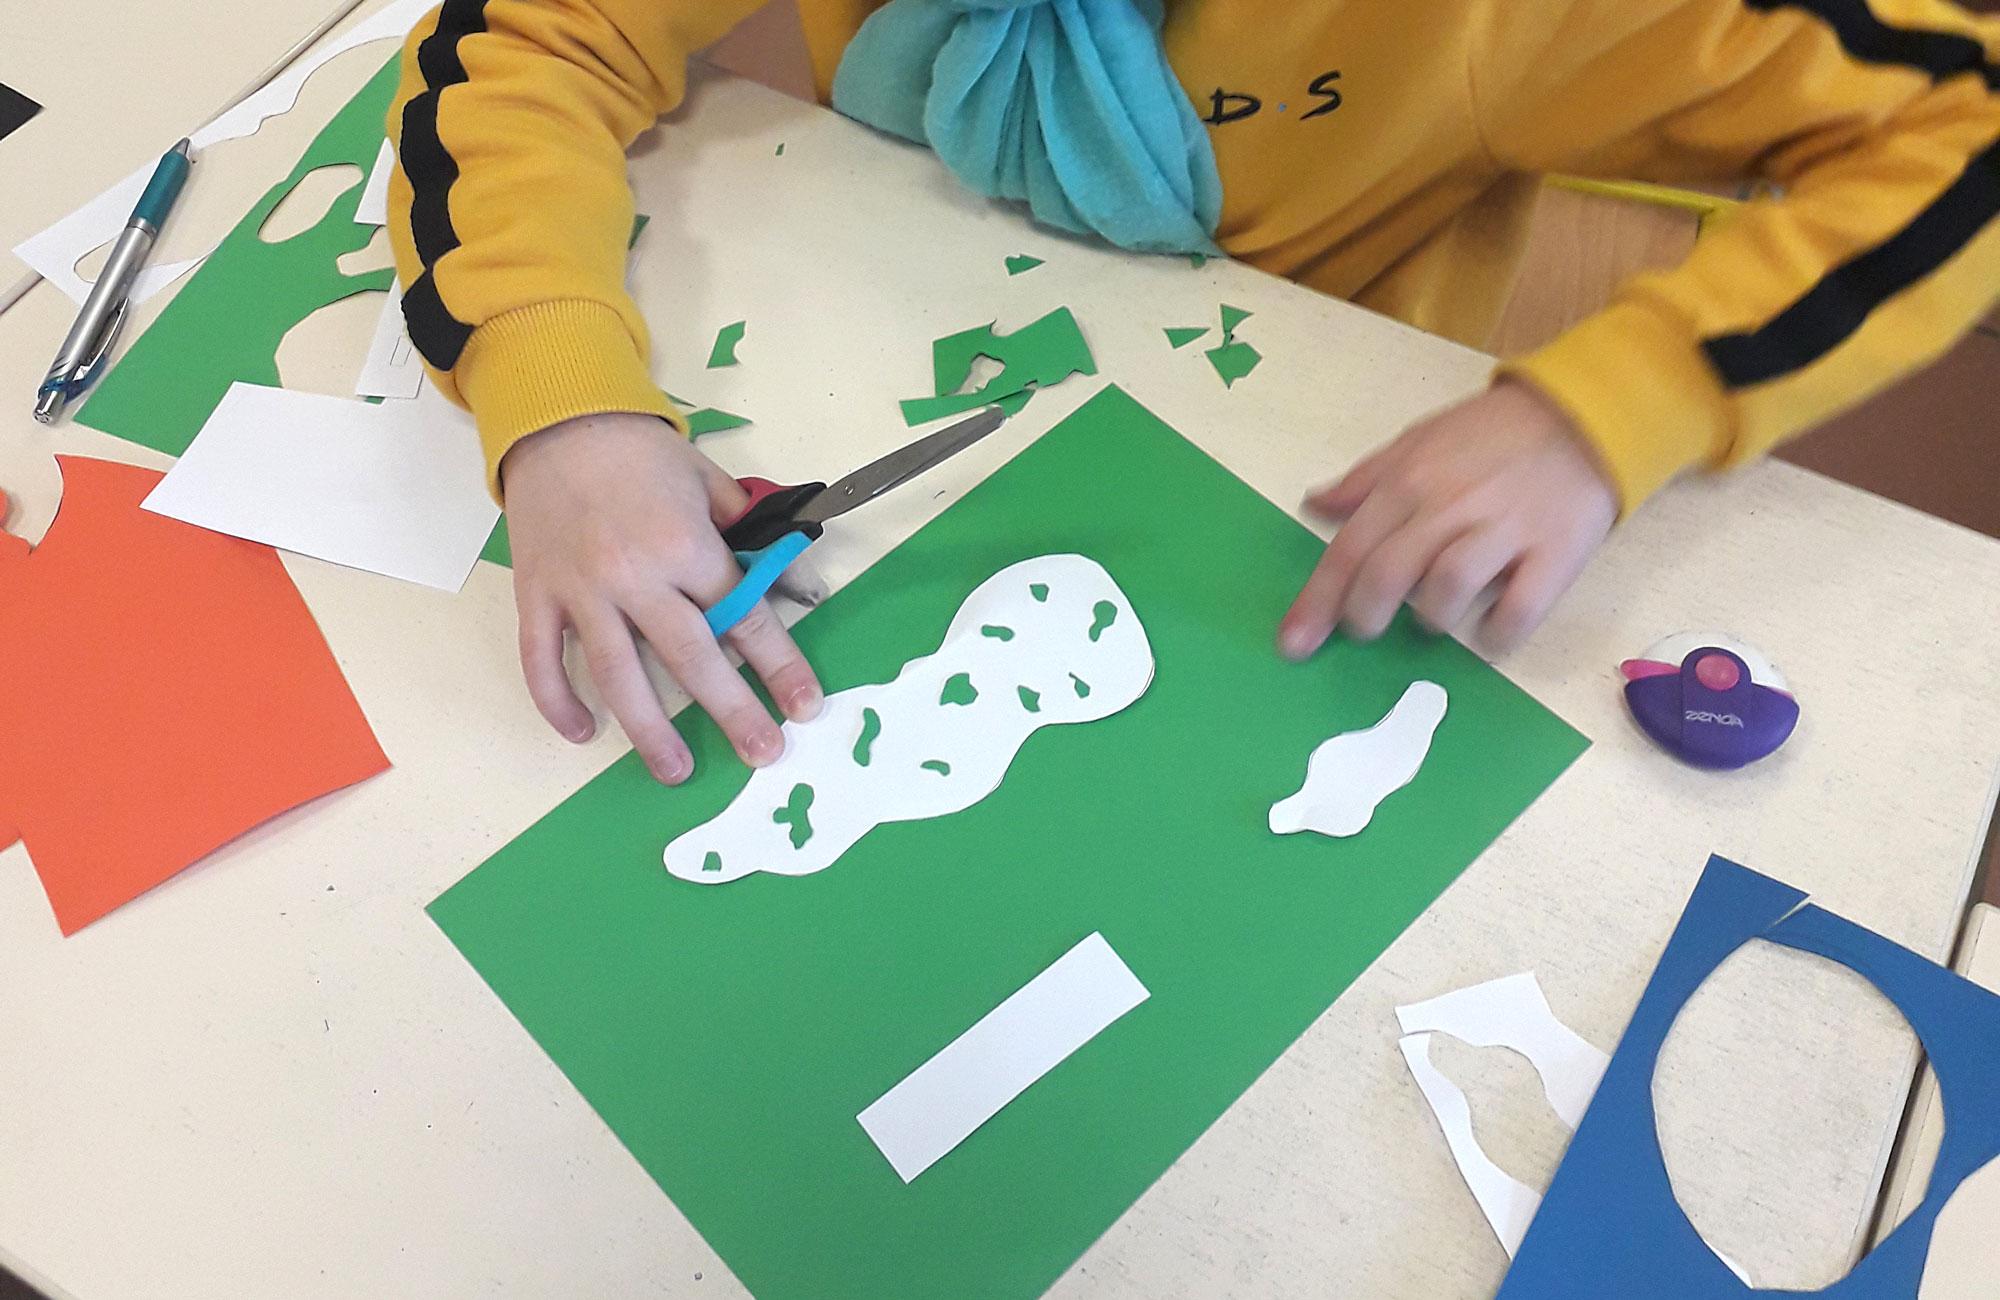 Une petit fille découpe des formes dans des feuilles de couleurs